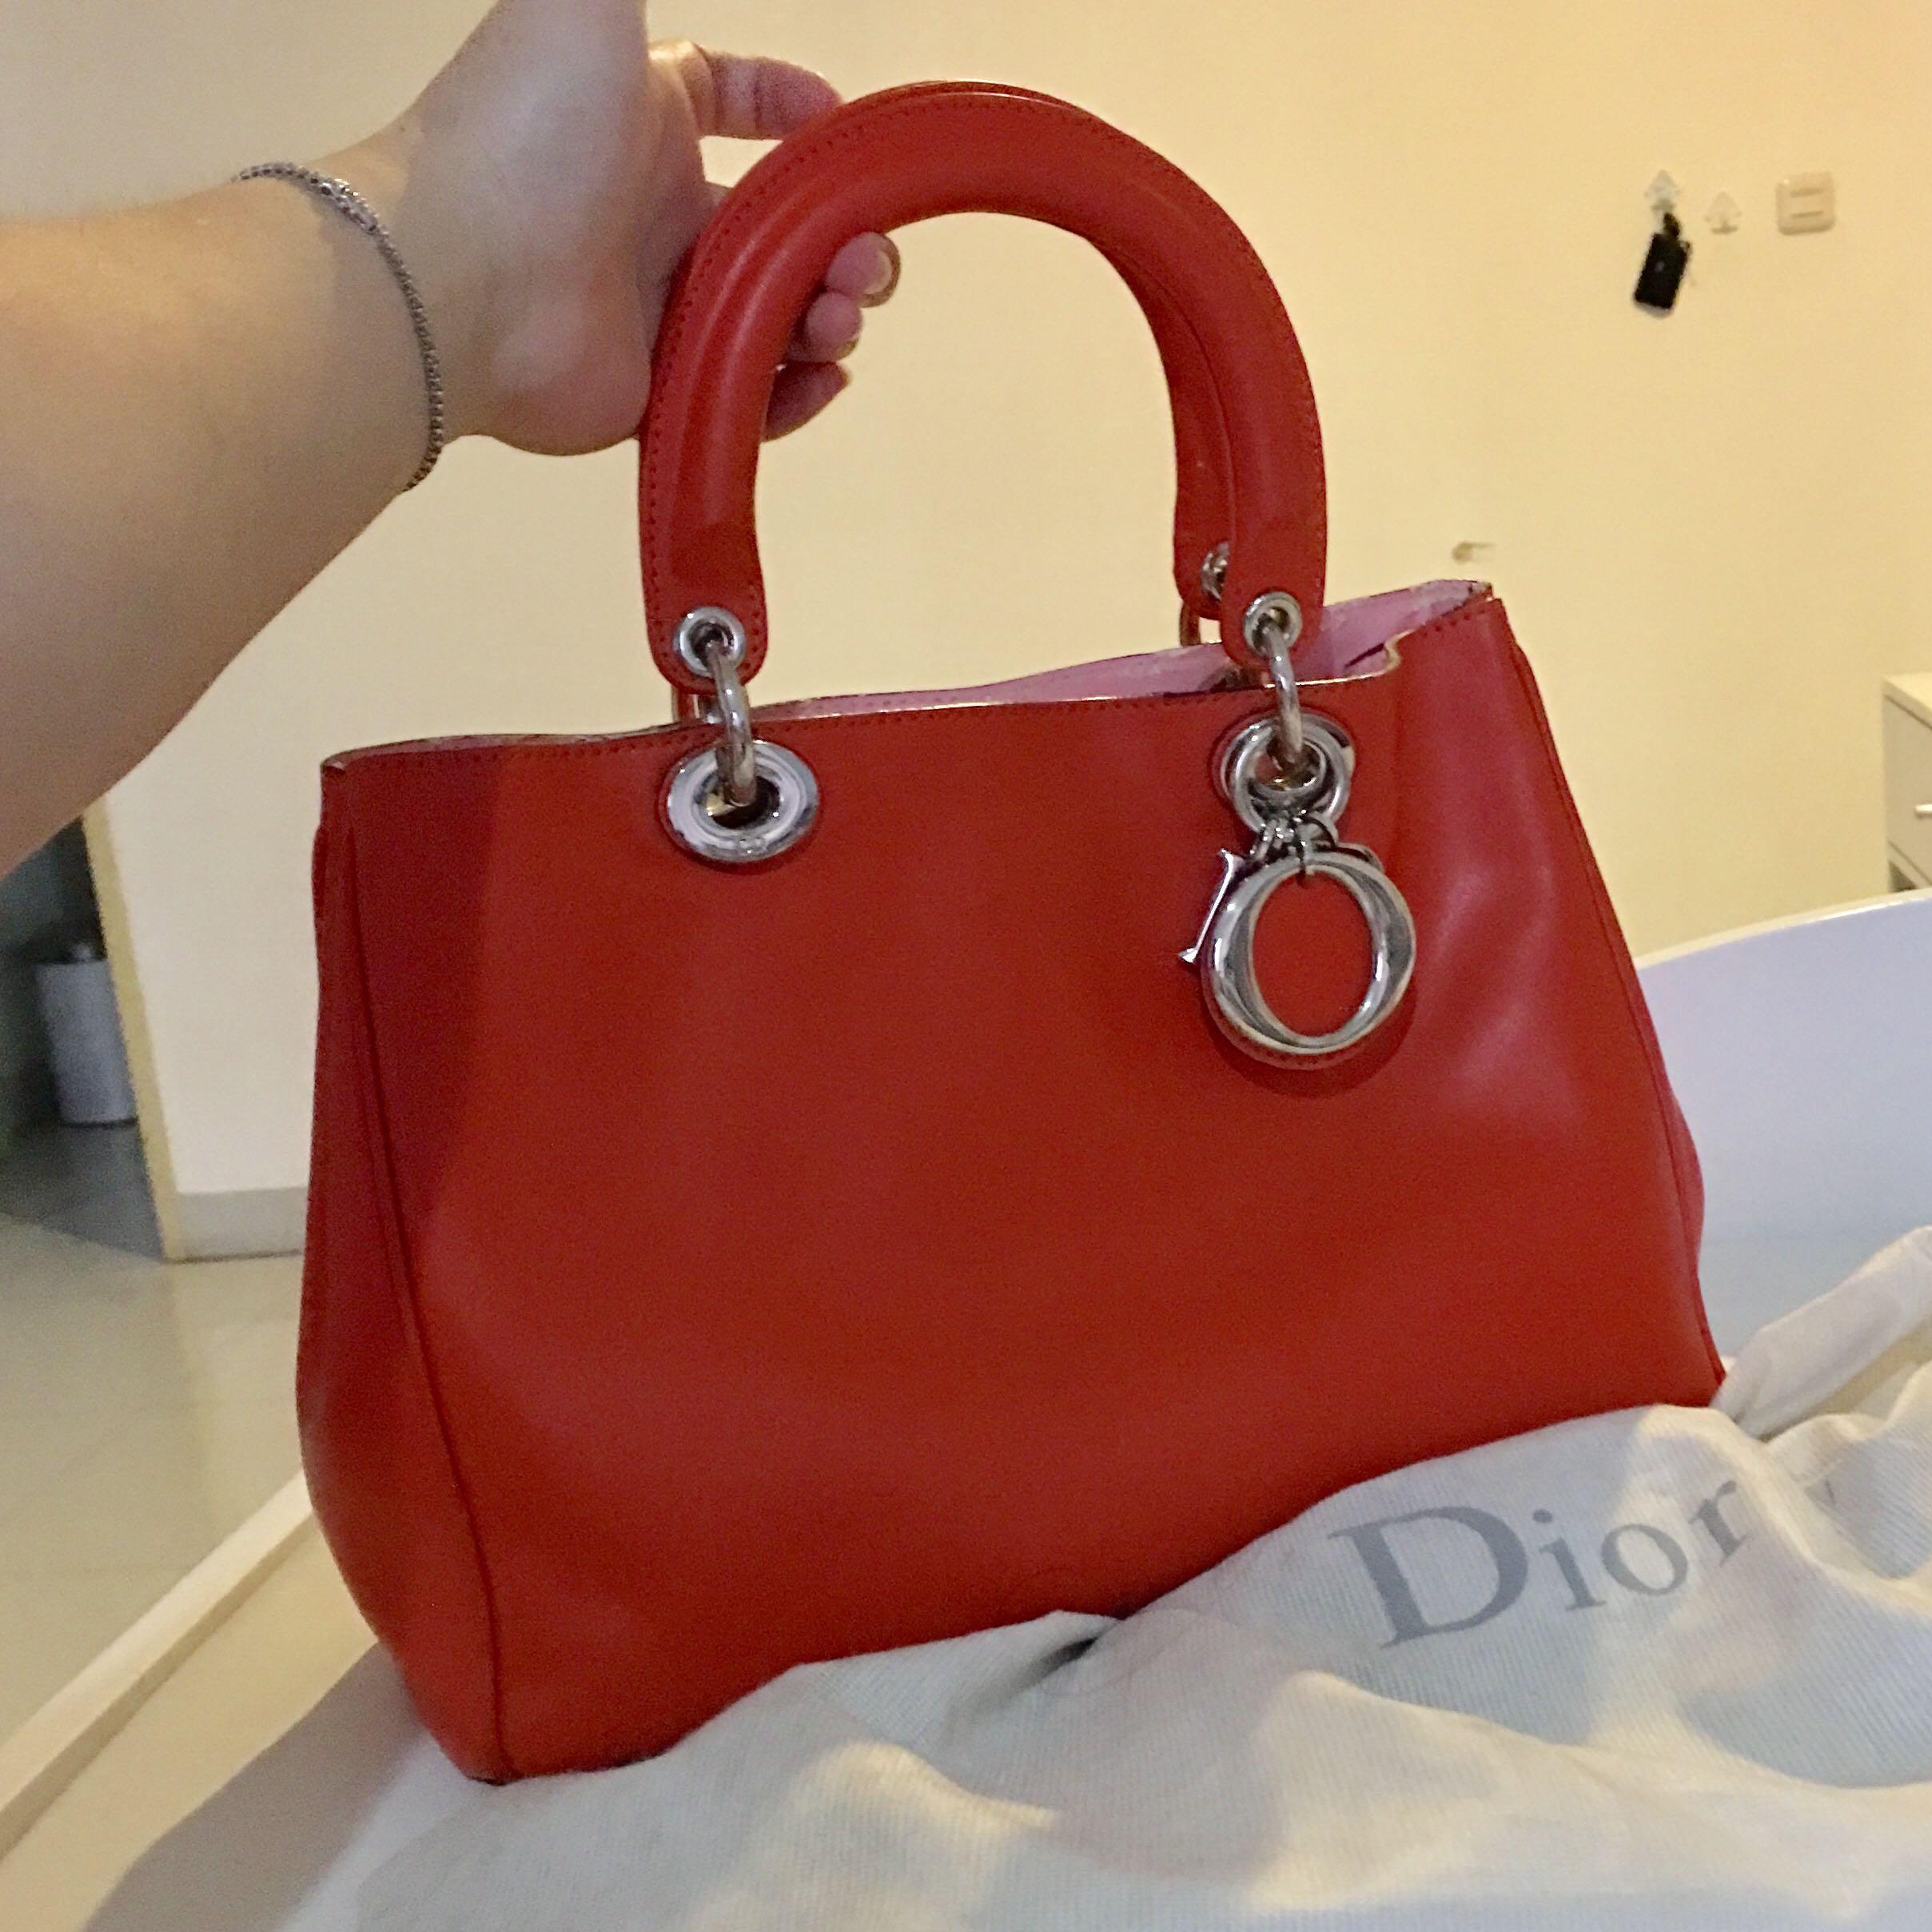 Dior diorissomo bag small premium (NOT authentic)